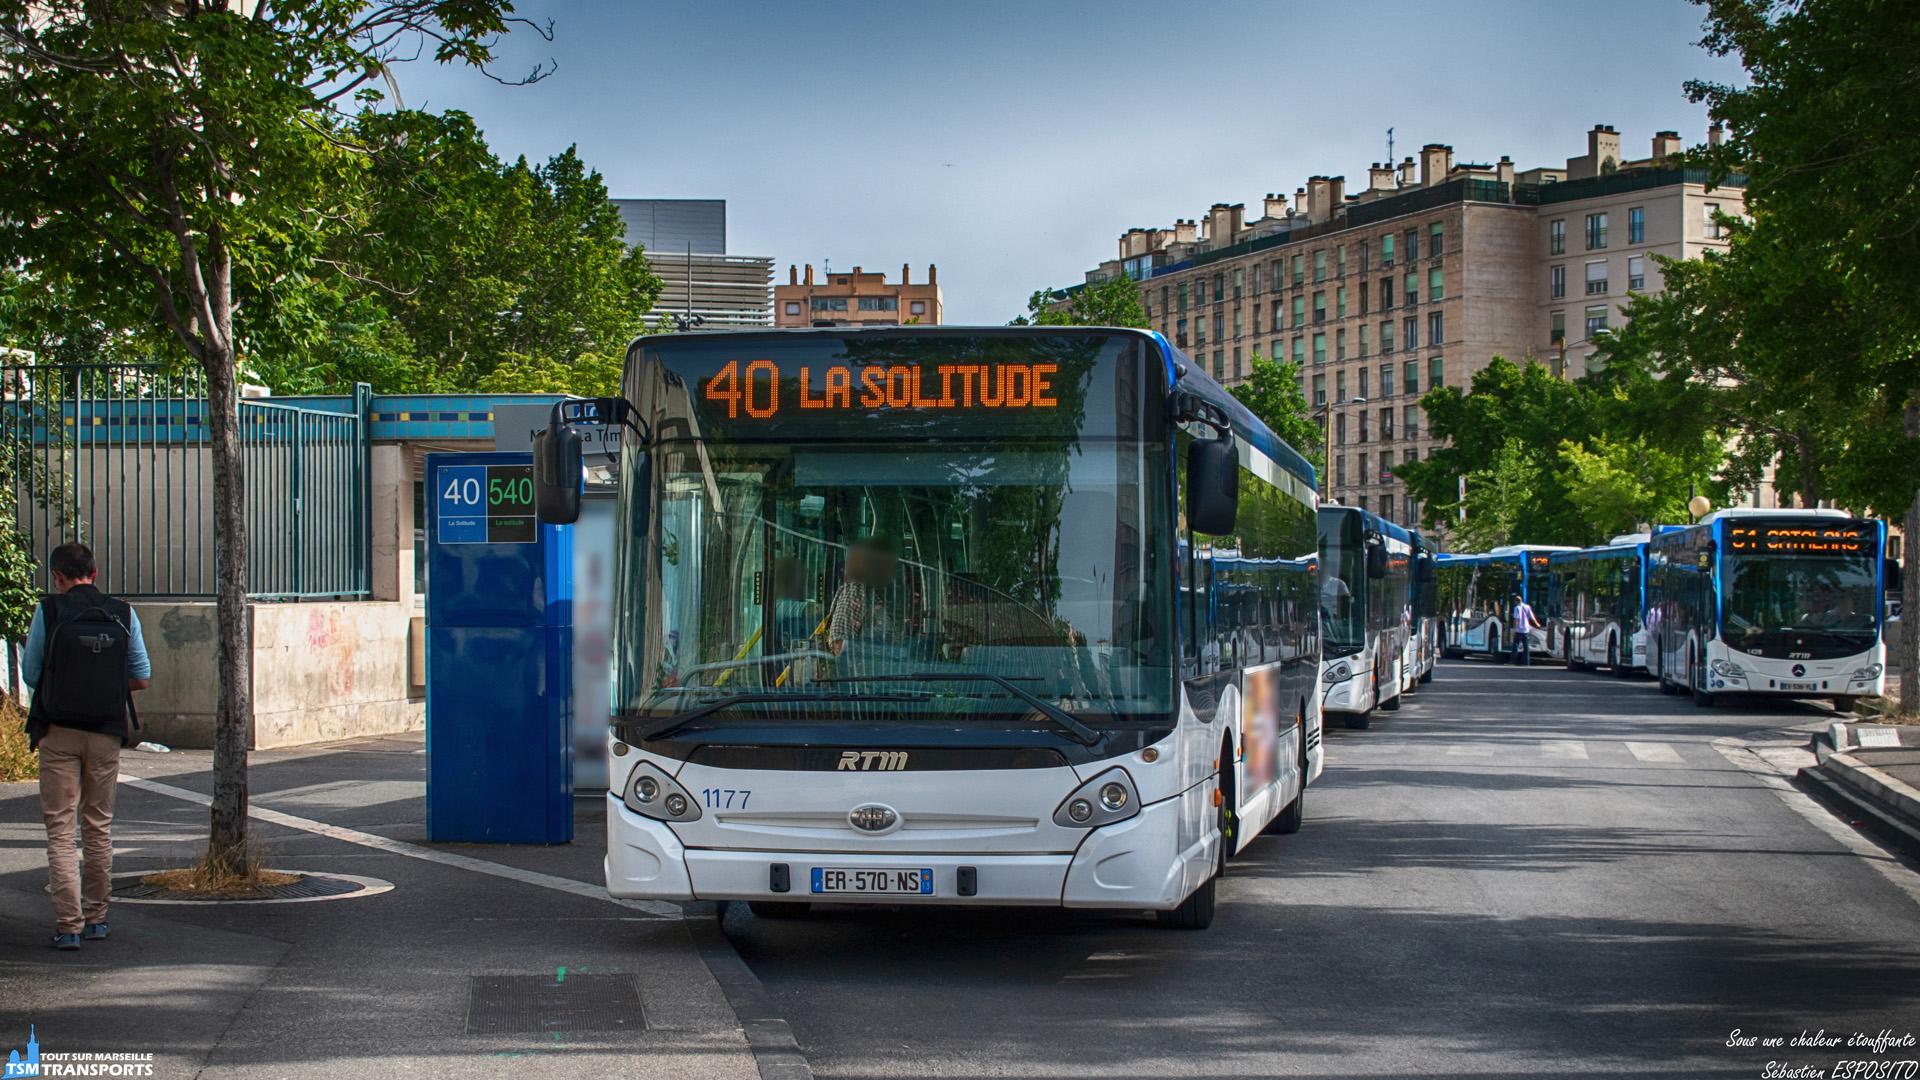 Sous un soleil de plomb, je retrouve de nouveau la 1177 spotter déjà quelques fois sur d'autres lignes du dépôt Saint Pierre. . Je la shoot cette fois ci sur la ligne 40 et au repos à la gare d'échange du Métro La Timone. . Retrouvez la avec le #rtm1177. . ℹ️ Heuliez Bus GX 327 RTM n°1177. . 📍 Métro La Timone, Boulevard Jean Moulin, 5eme arrondissement de Marseille. . ↔️ 40 : Métro La Timone - La Solitude. . 🖌️ Livrée Vague. . 📸 Nikon D5600. . 📷 Nikkor 18-55mm. . 📅 24 Juin 2019 à 18:14. . 👨 Sébastien ESPOSITO.